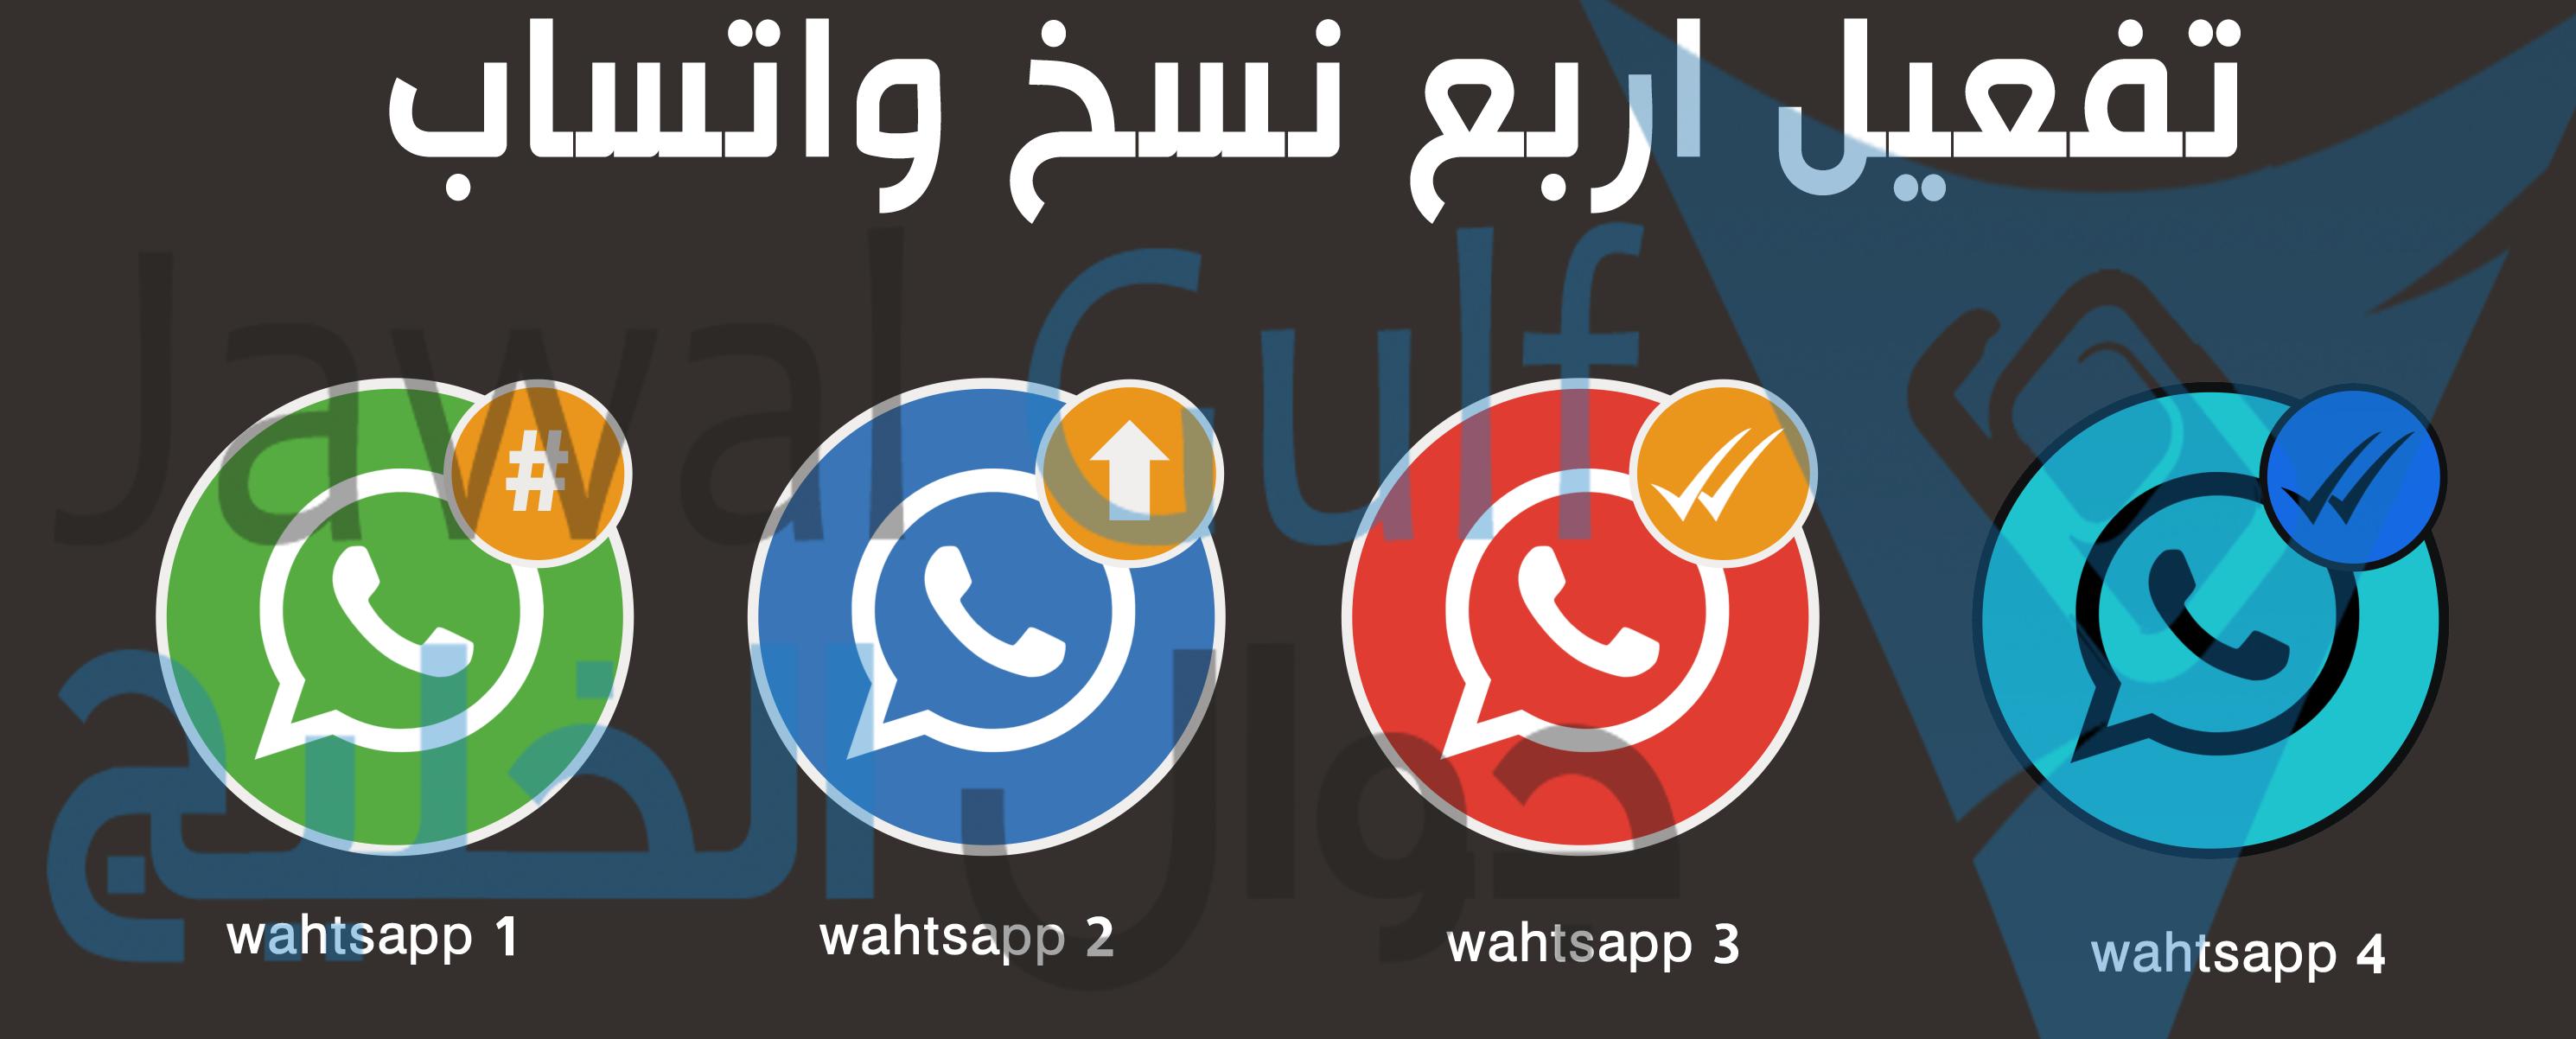 [تحديث] واتساب بلس whatsapp+ المعدل لتفعيل 4 ارقام على جهاز اندرويد